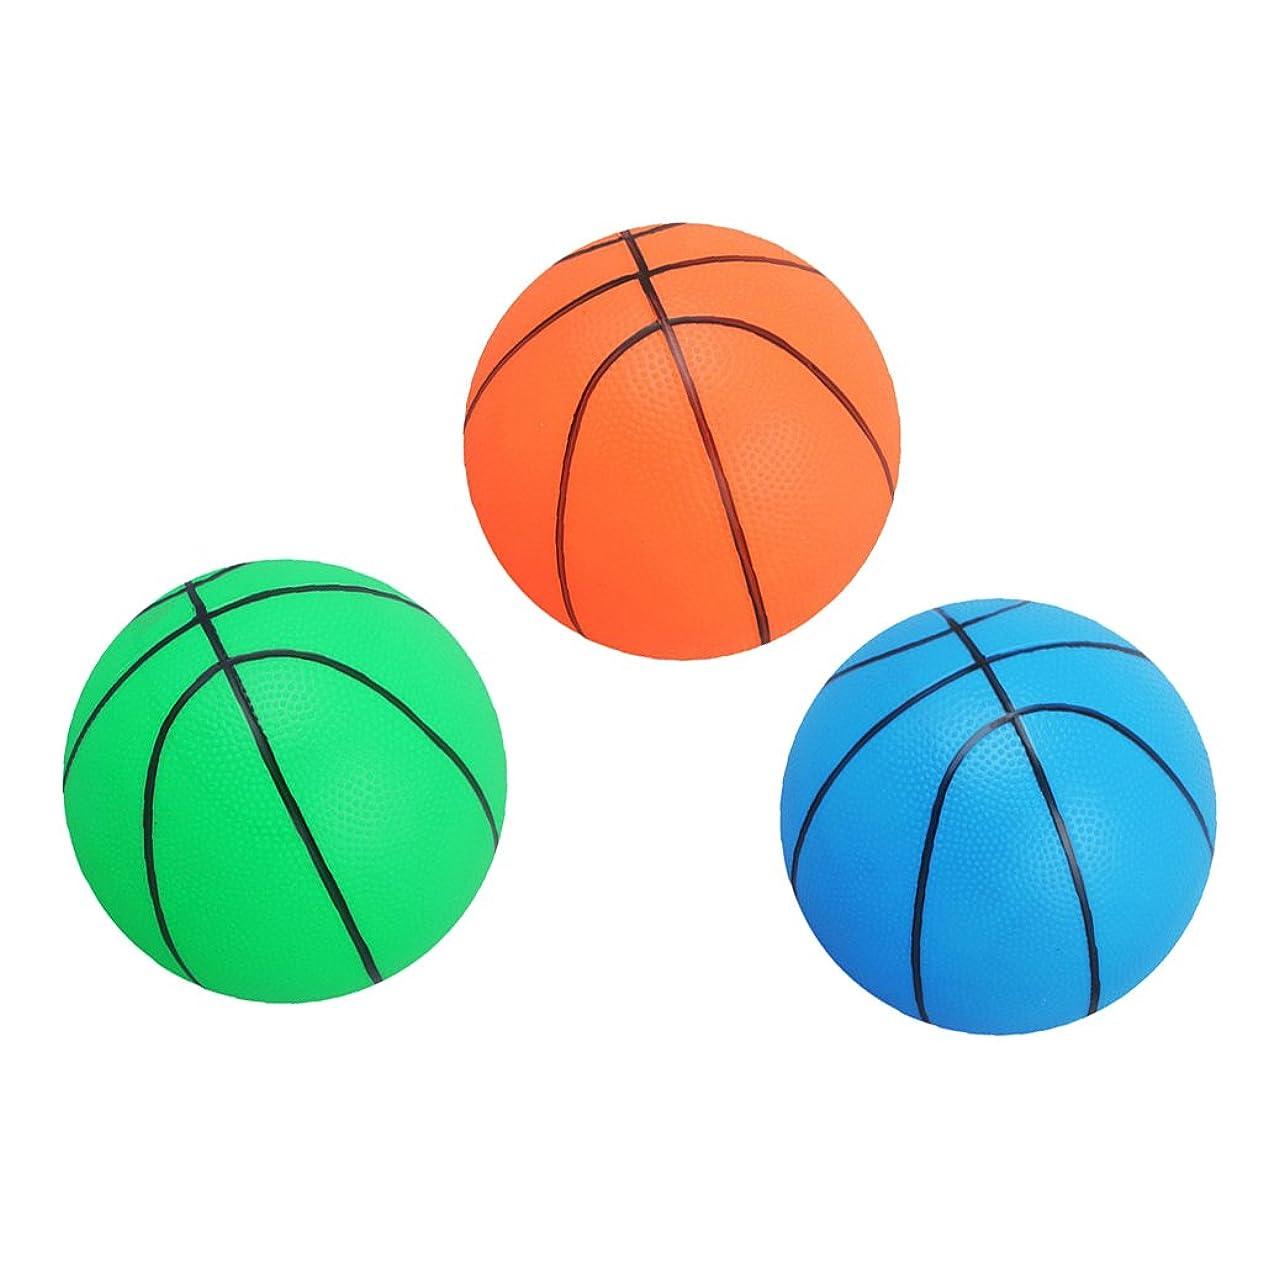 種をまく日付ローズゴム製 バスケットボール スポーツ ミニ 弾む  屋内 屋外 直径約16cm 3個セット